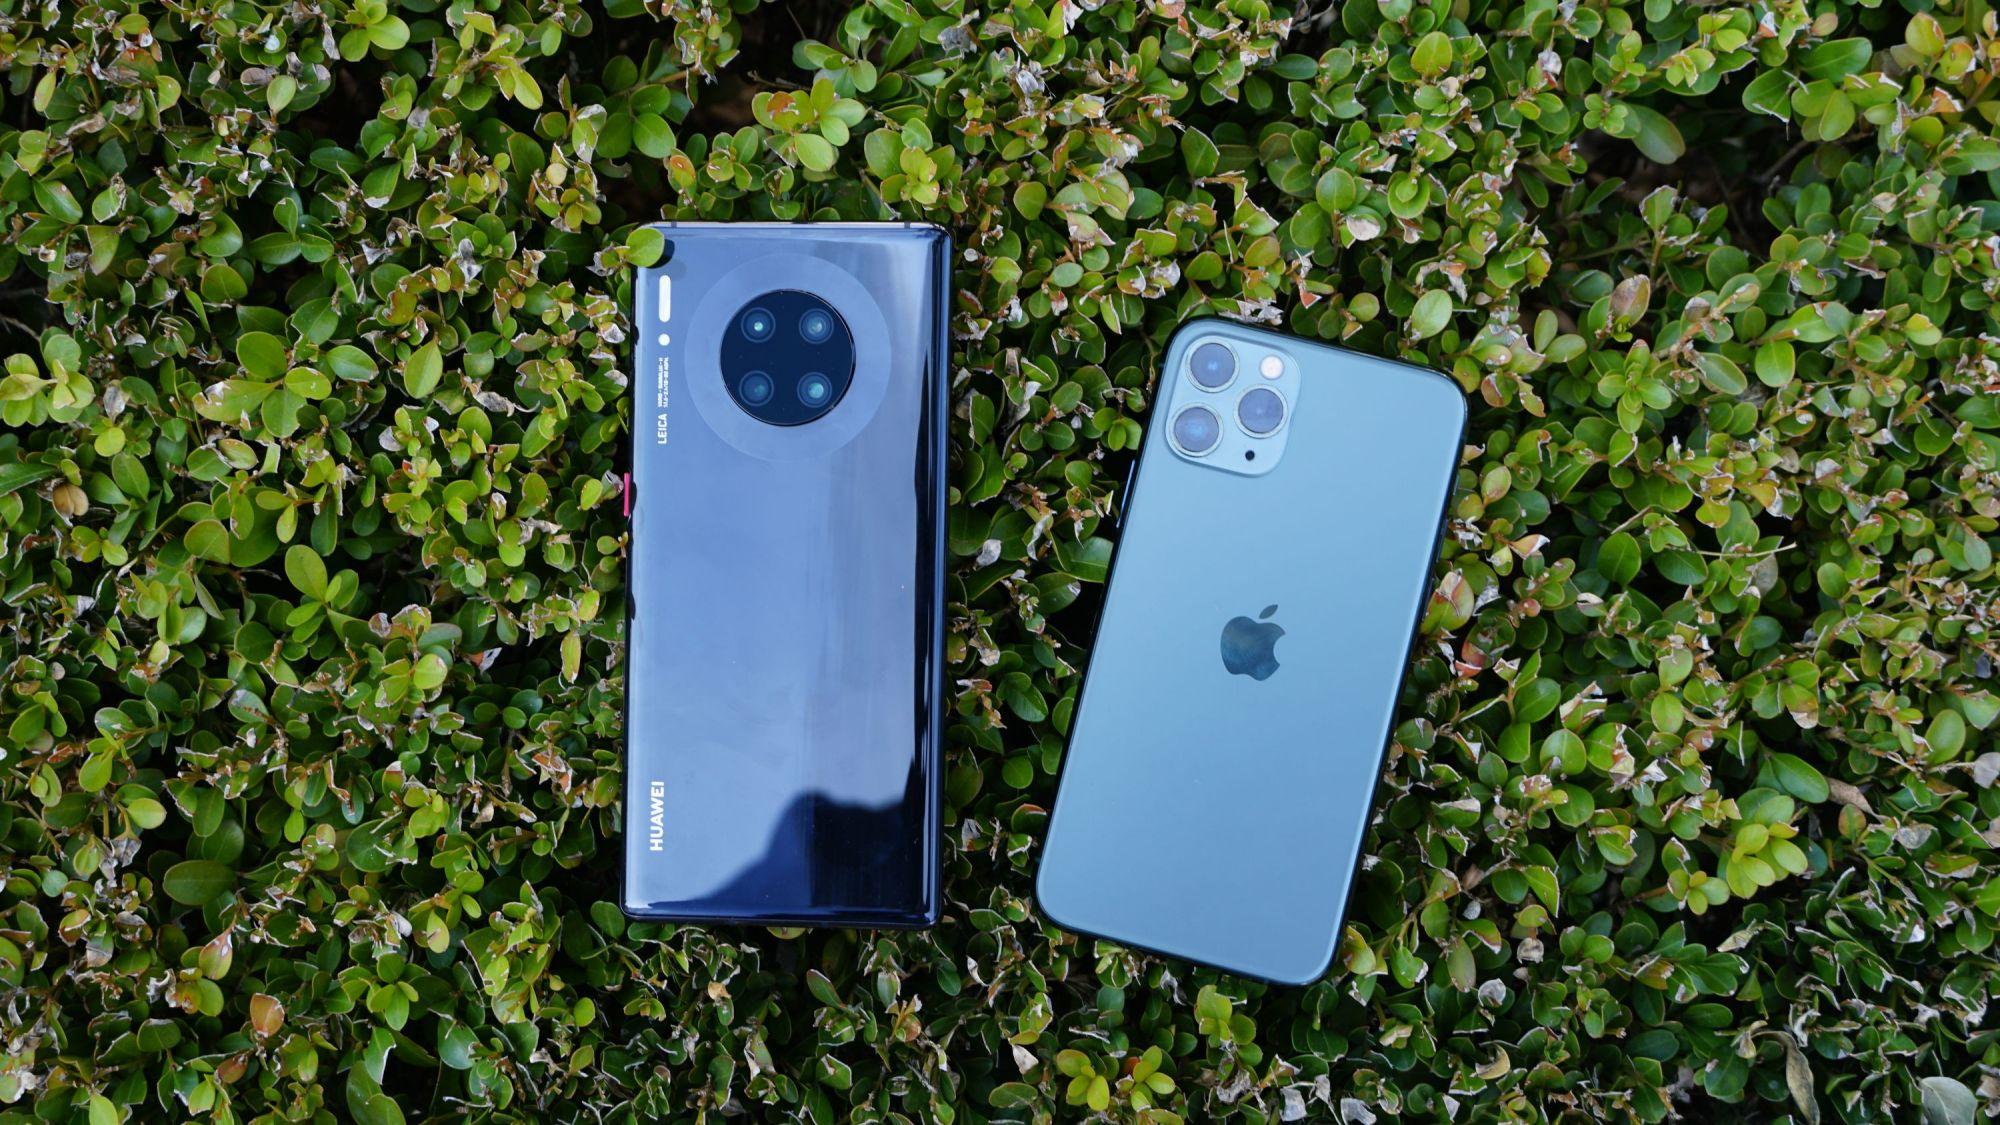 买苹果还是买华为? 真懂手机的人给出中肯的建议, 说到心坎里了!